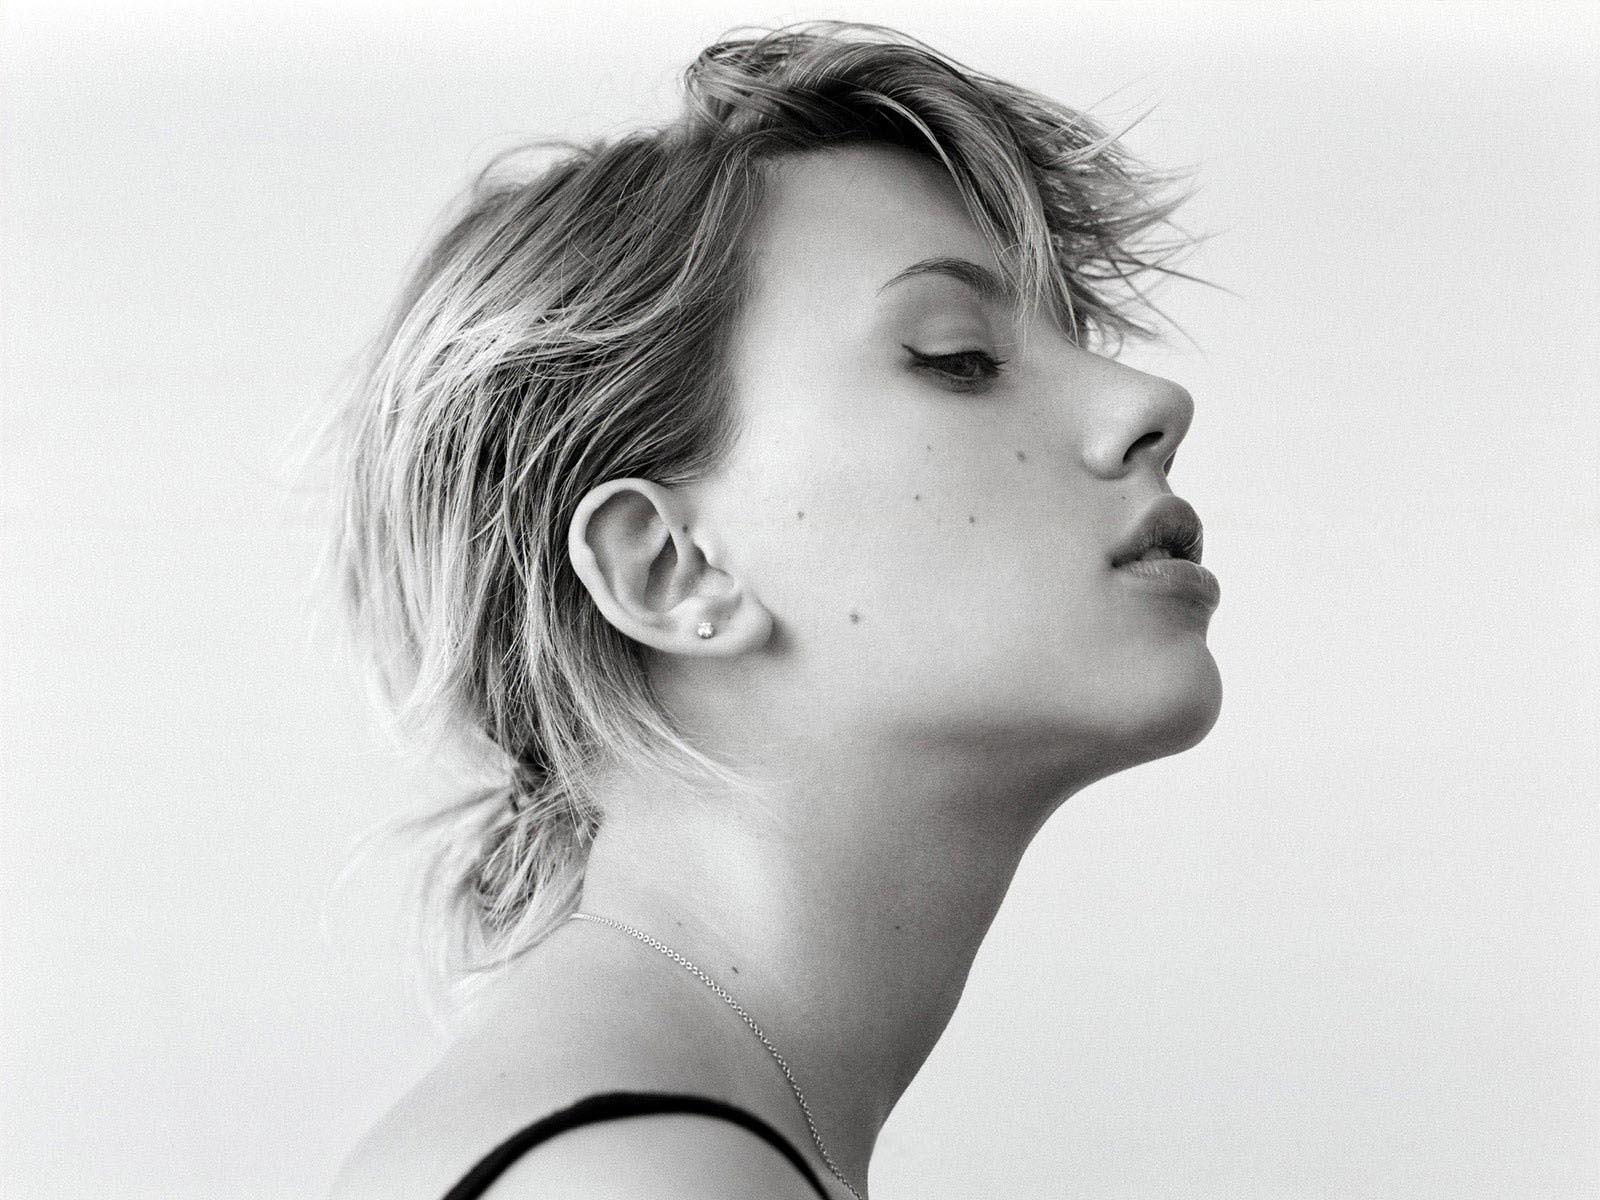 スカーレット・ヨハンソンの画像 p1_12